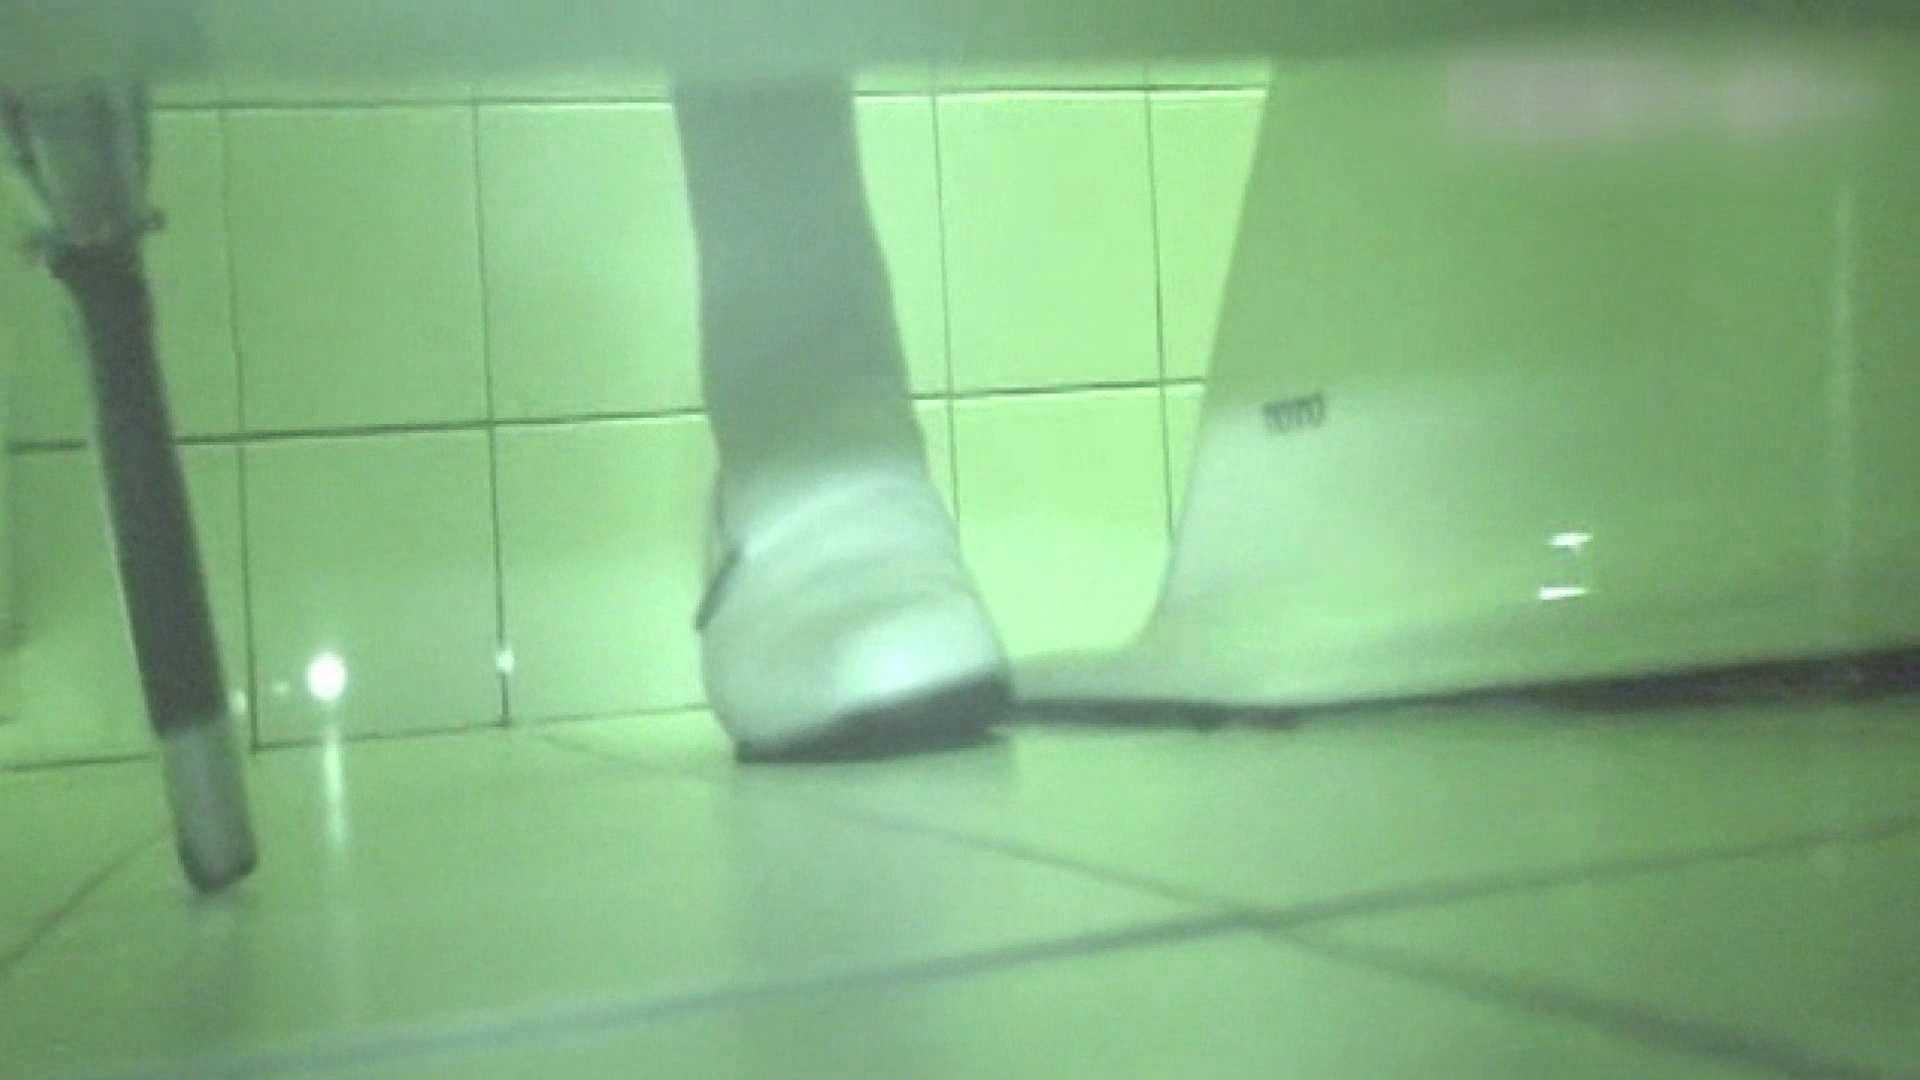 ロックハンドさんの盗撮記録File.11 マンコ・ムレムレ ぱこり動画紹介 102pic 36